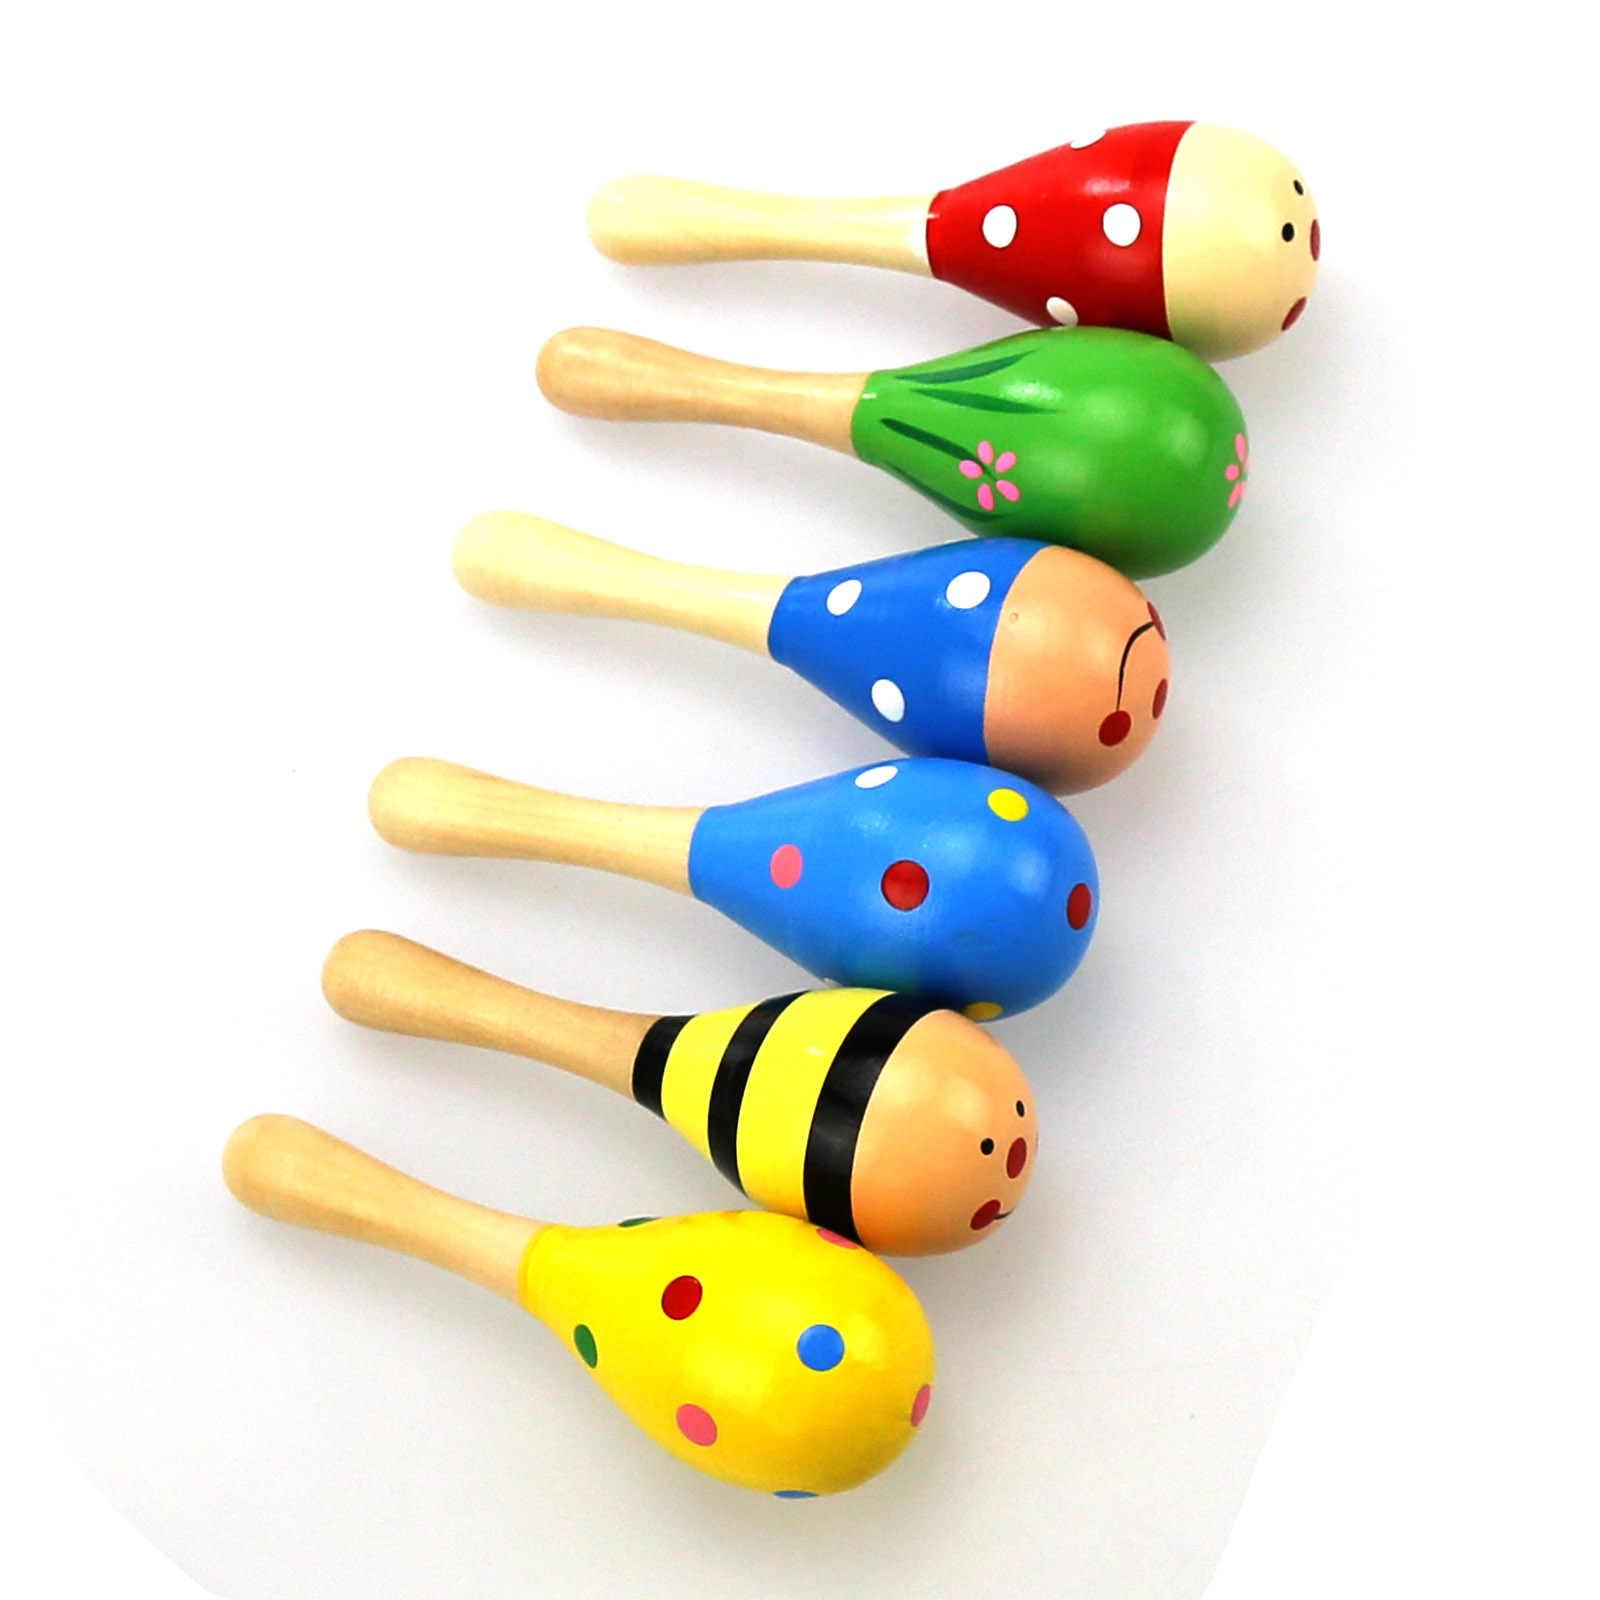 1Pcไม้Maracasเครื่องดนตรีเด็กRattles Sand Hammerไม้ของเล่นสำหรับทารกแรกเกิดเด็กเล็กของขวัญส่งแบบสุ่ม